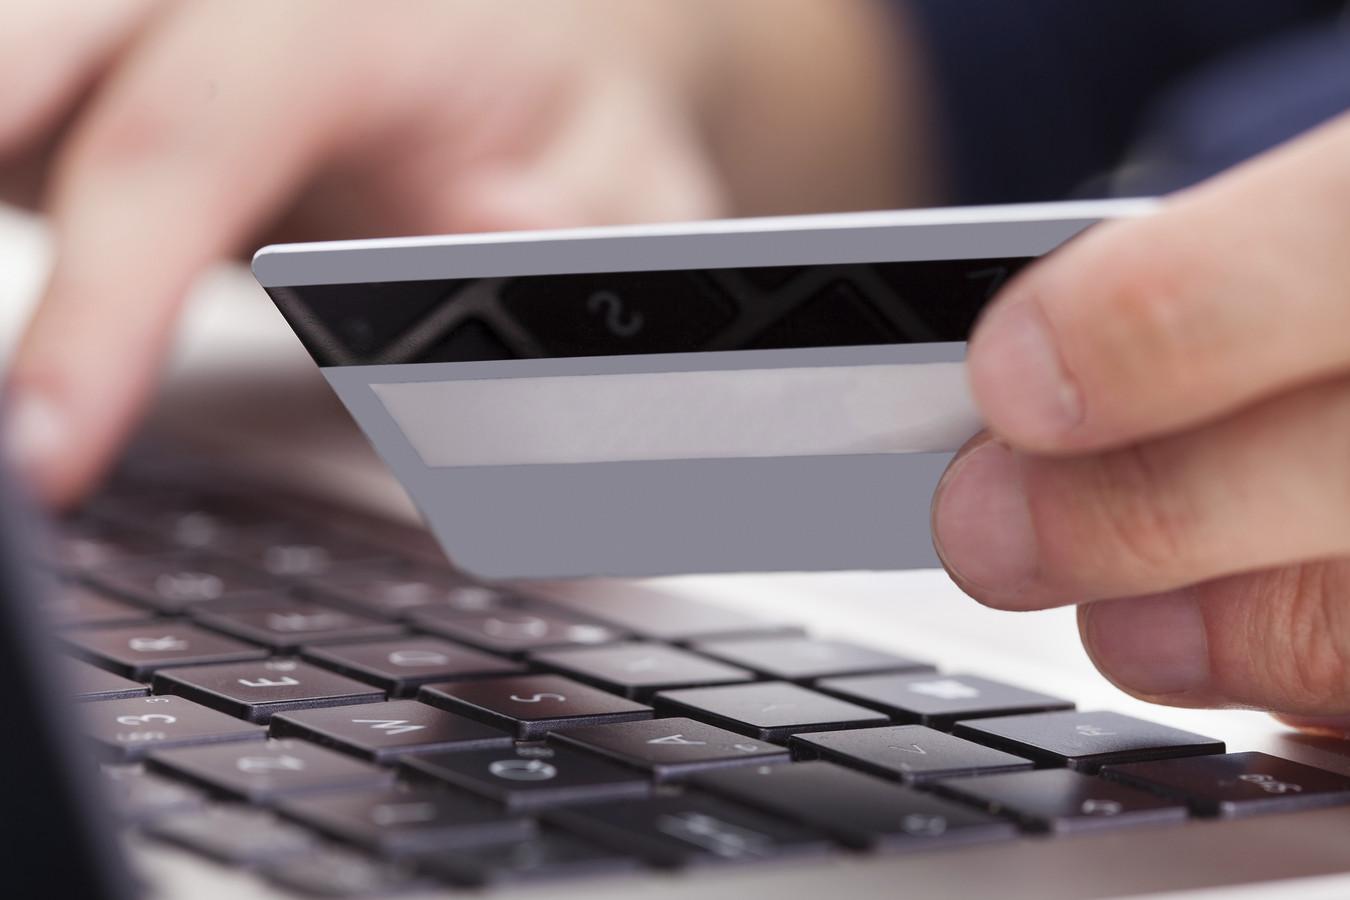 Internetcriminelen lichten vooral oudere Zeeuwen voor duizenden euro op.